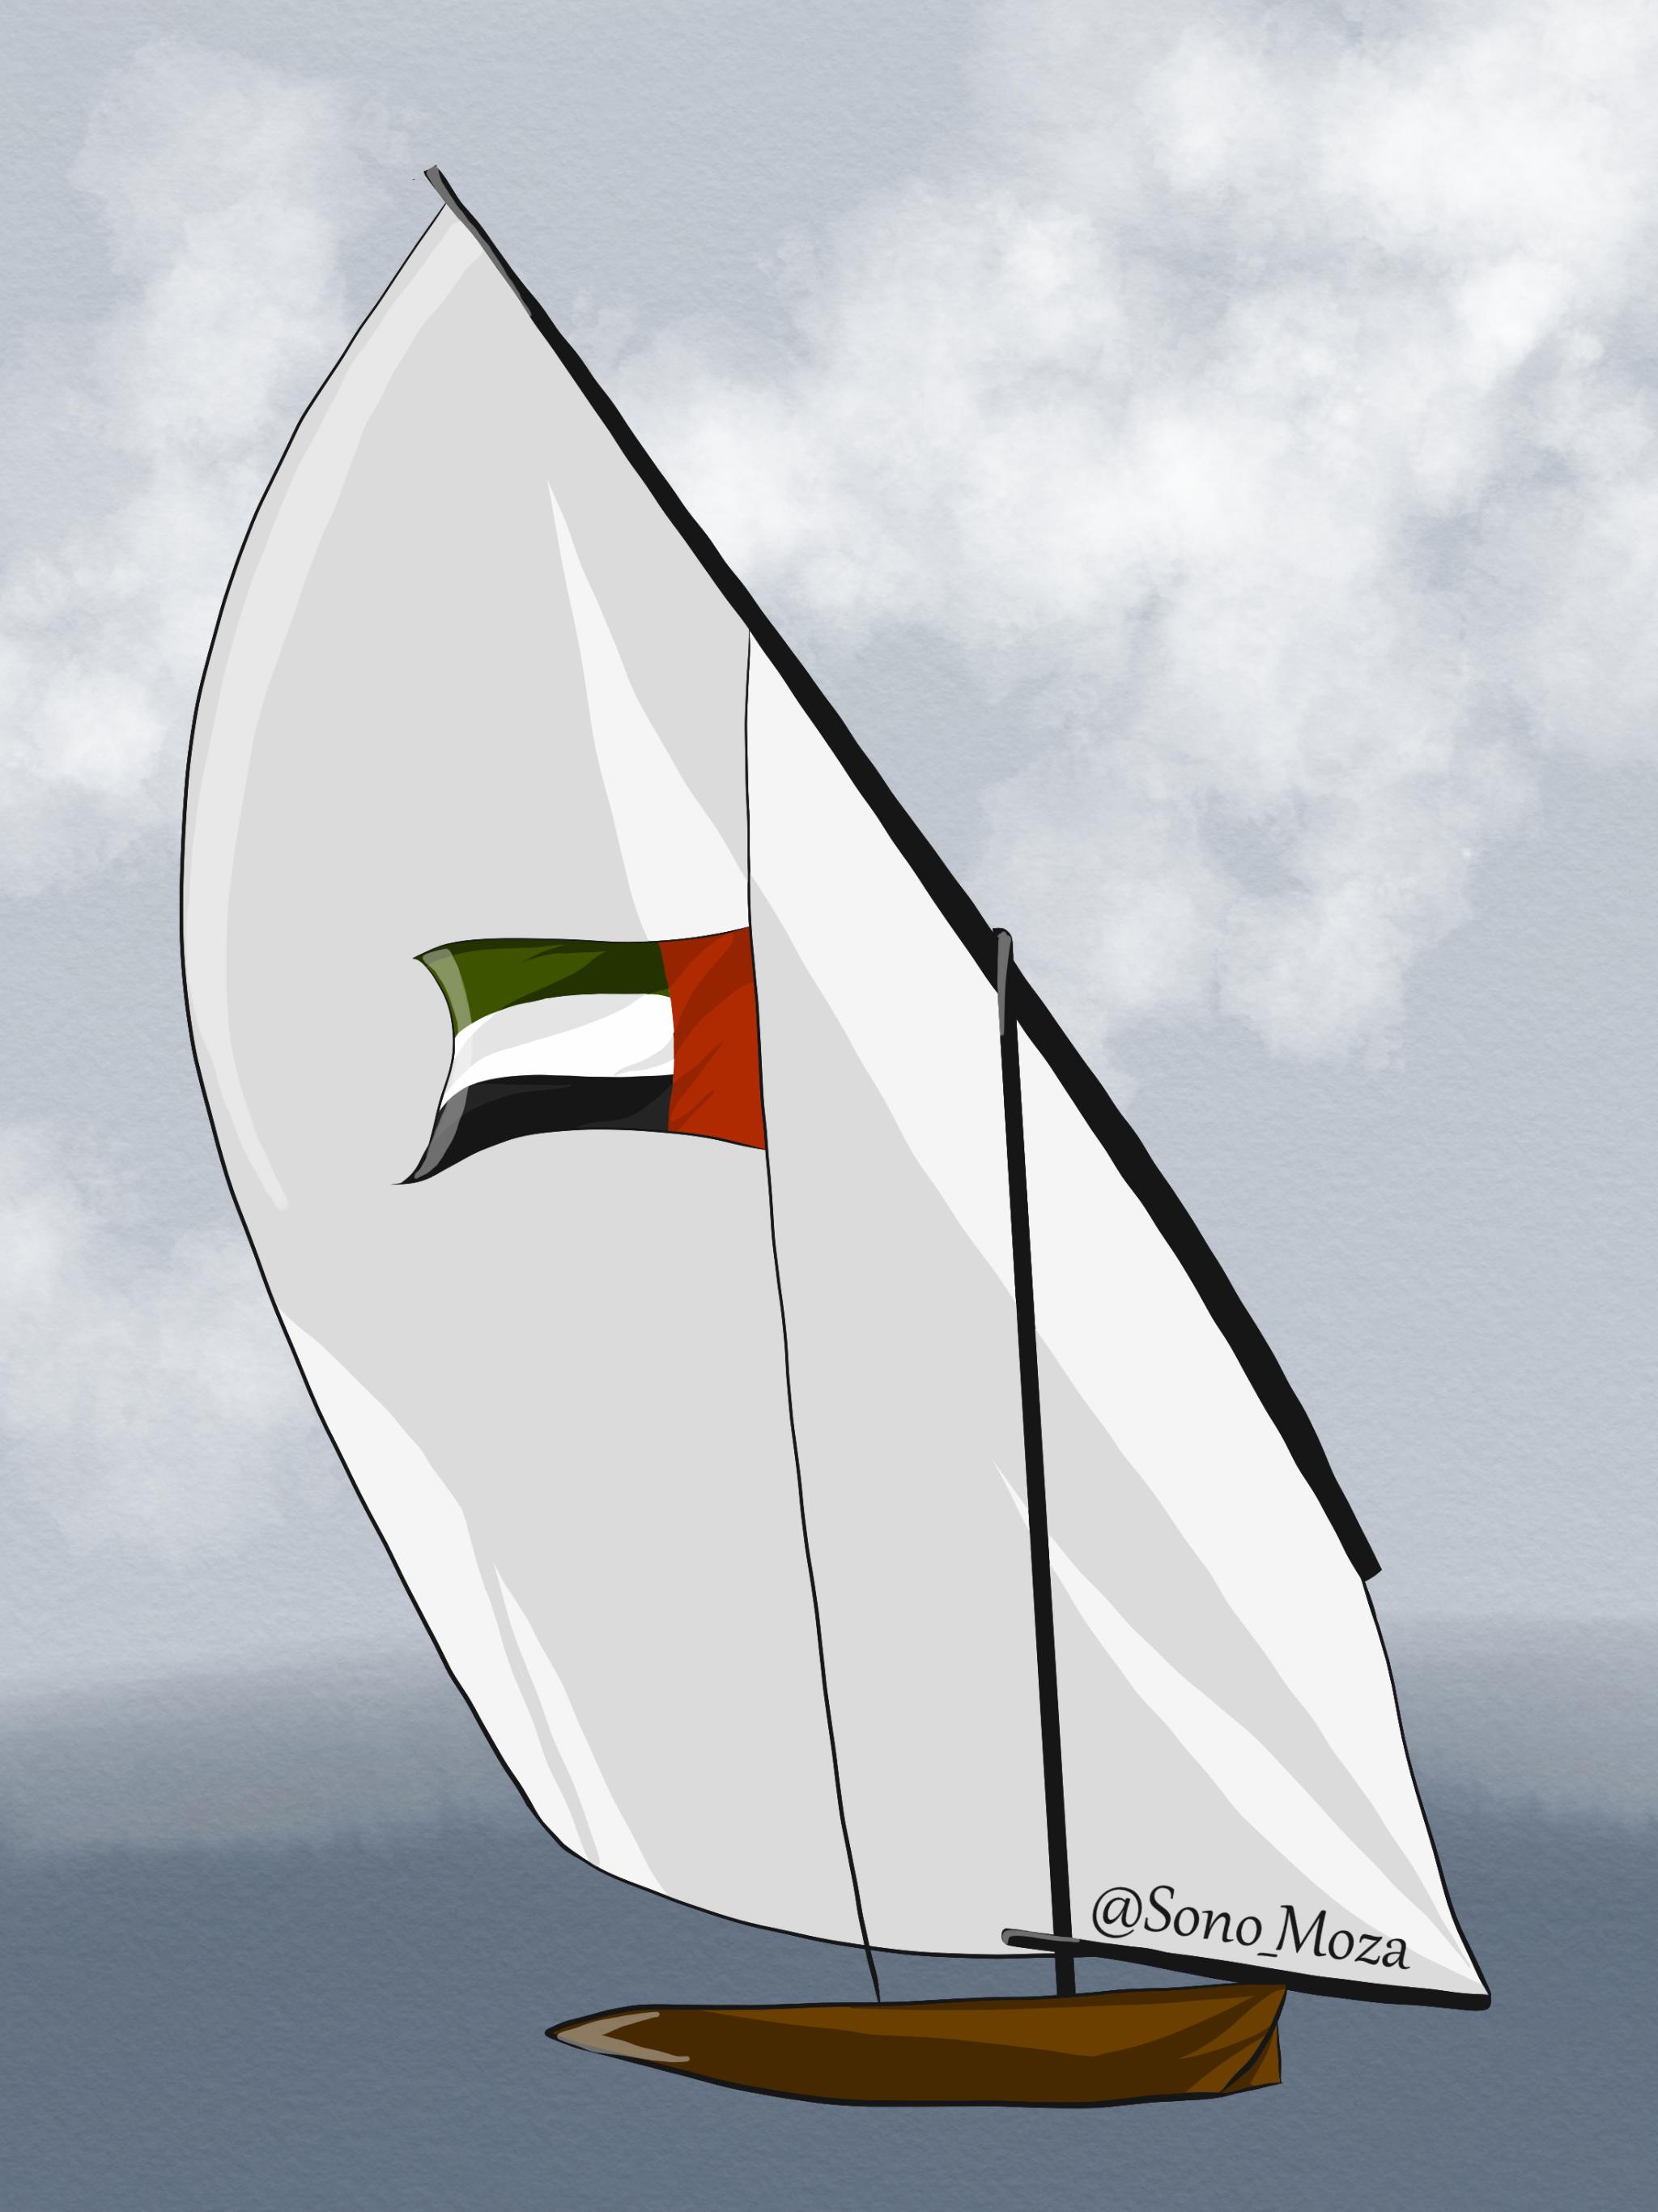 Uae National Day Uae Uaenationalday Uaeflag Anime Animesea Sea Sonomoza Uae National Day Uae Flag National Day